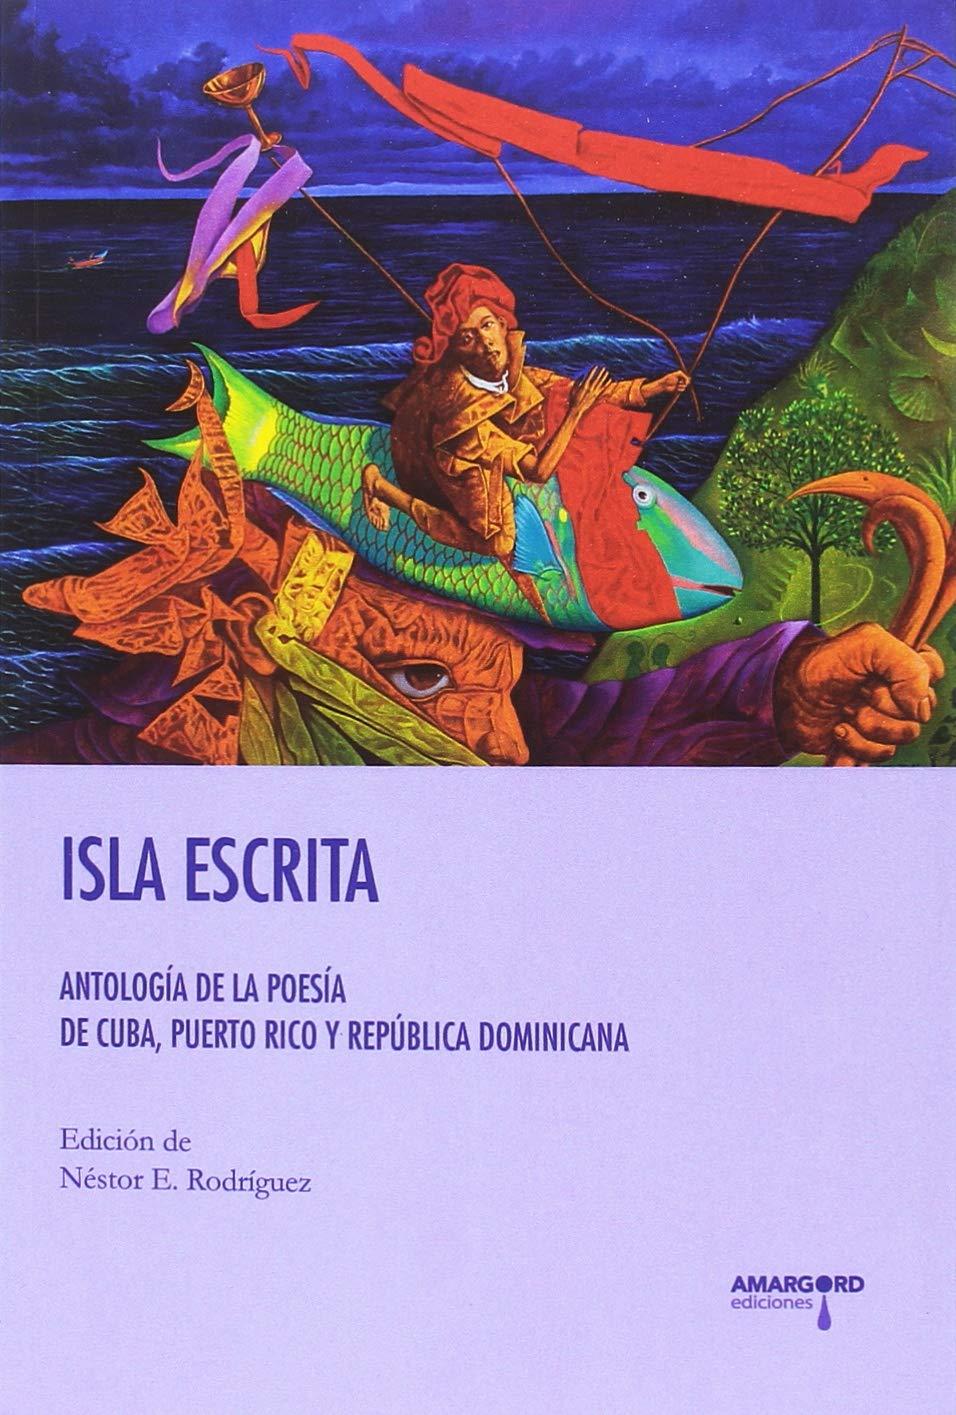 Isla Escrita. Antología poesía Cuba, Puerto Rico: Amazon.es: NESTOR E. RODRIGUEZ: Libros